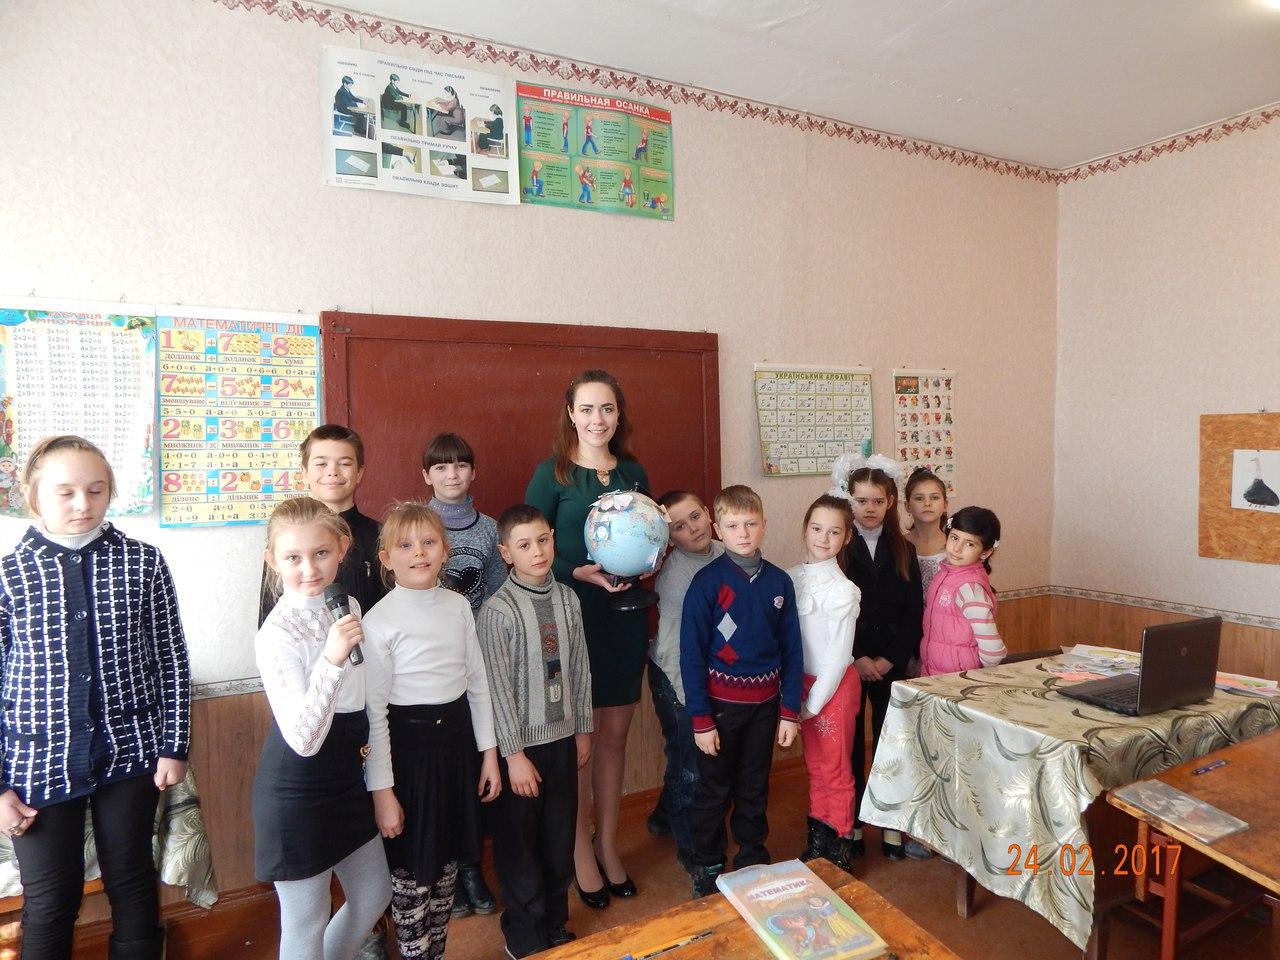 Фото студенток в класе